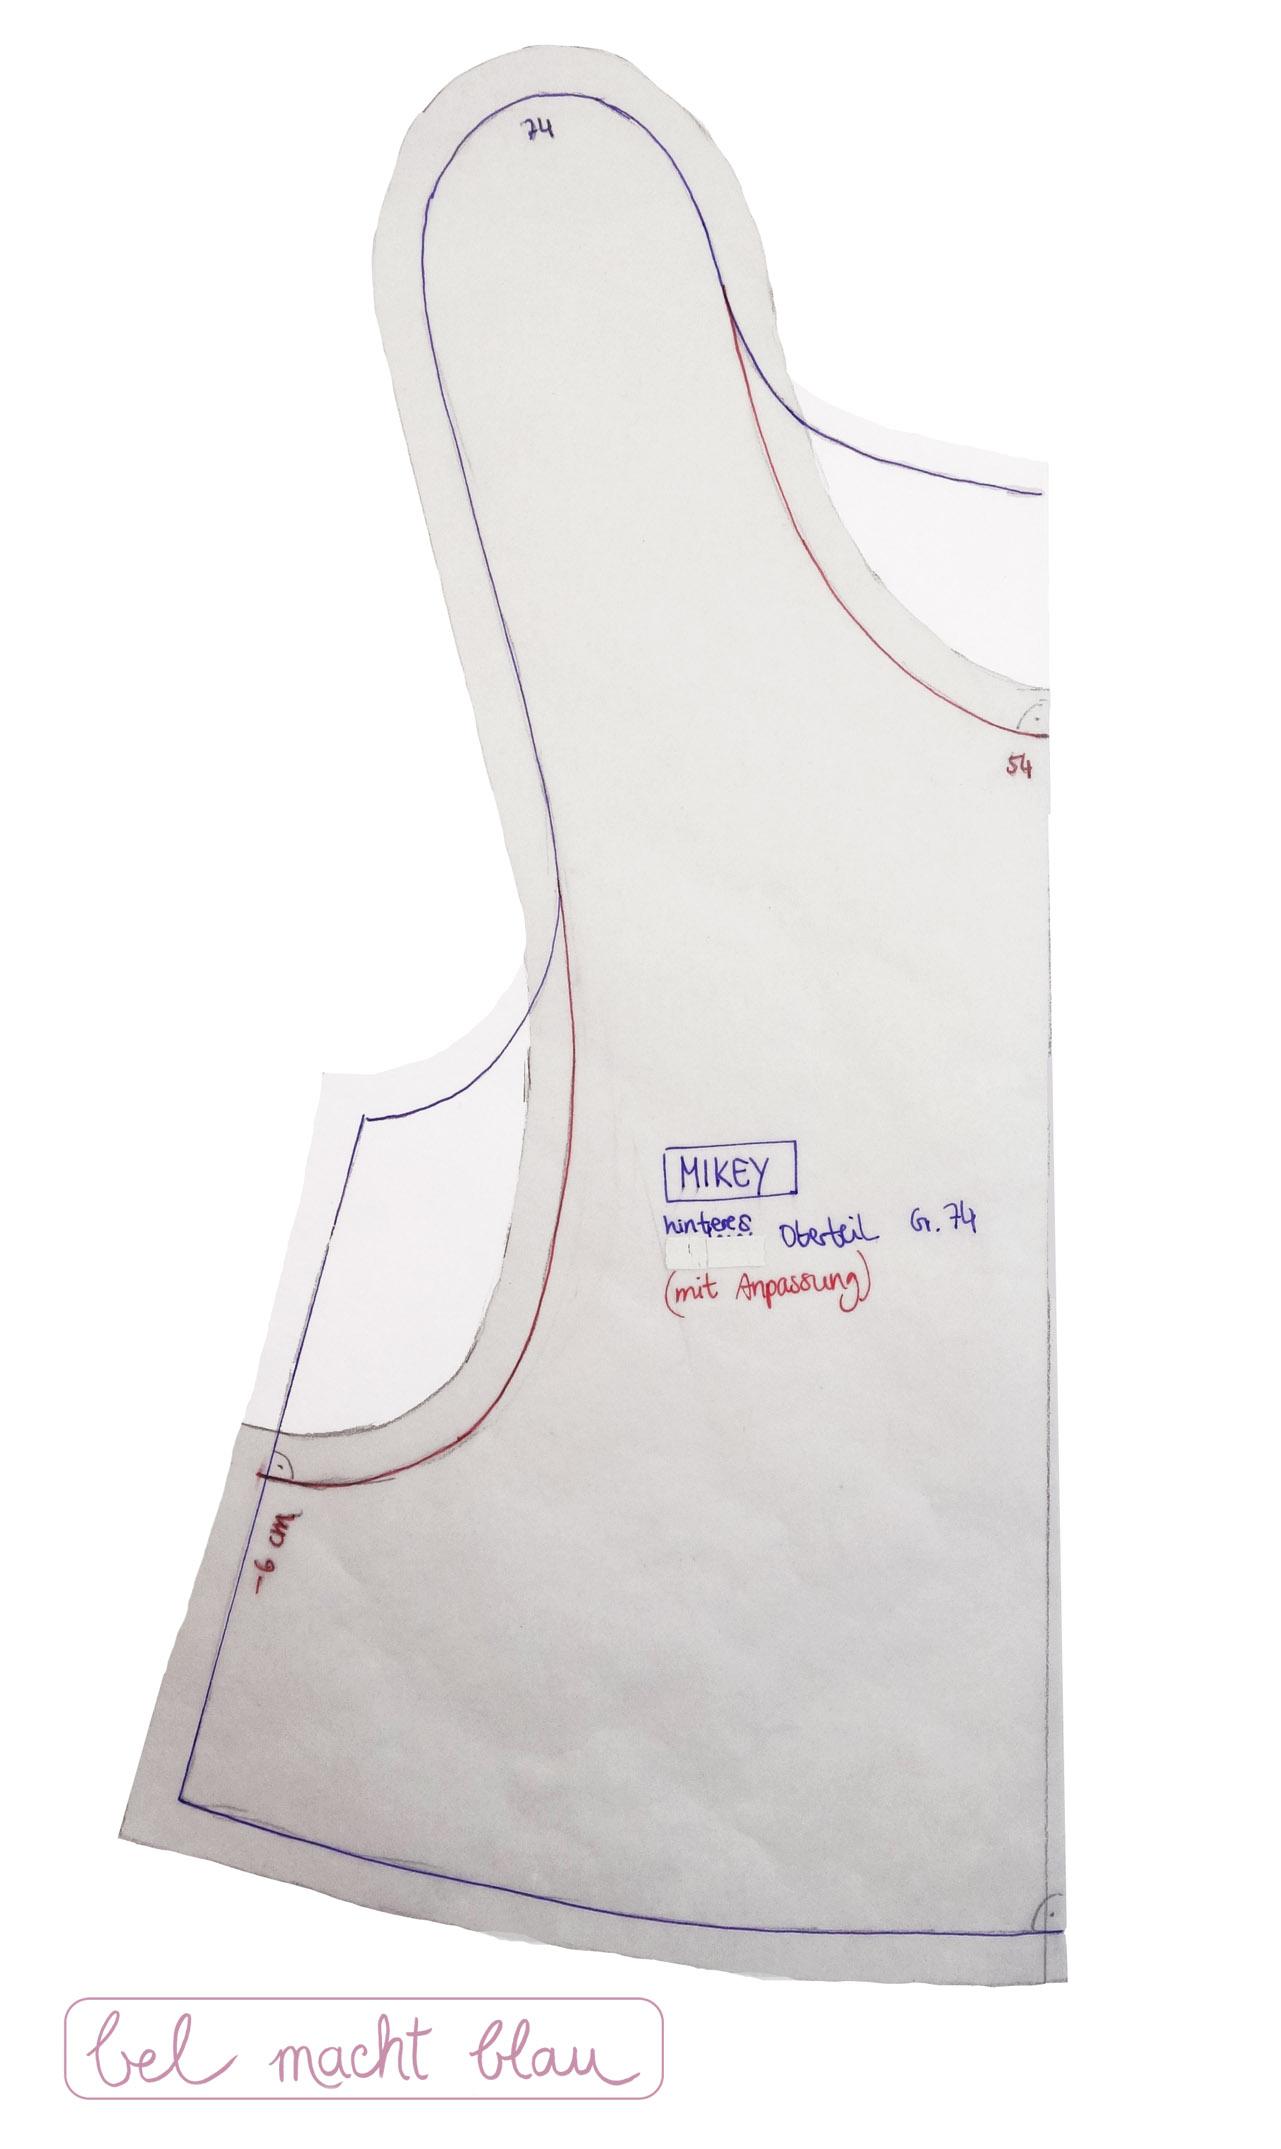 Schnittmuster MIKEY mit weiteren Arm- und Halsausschnitten